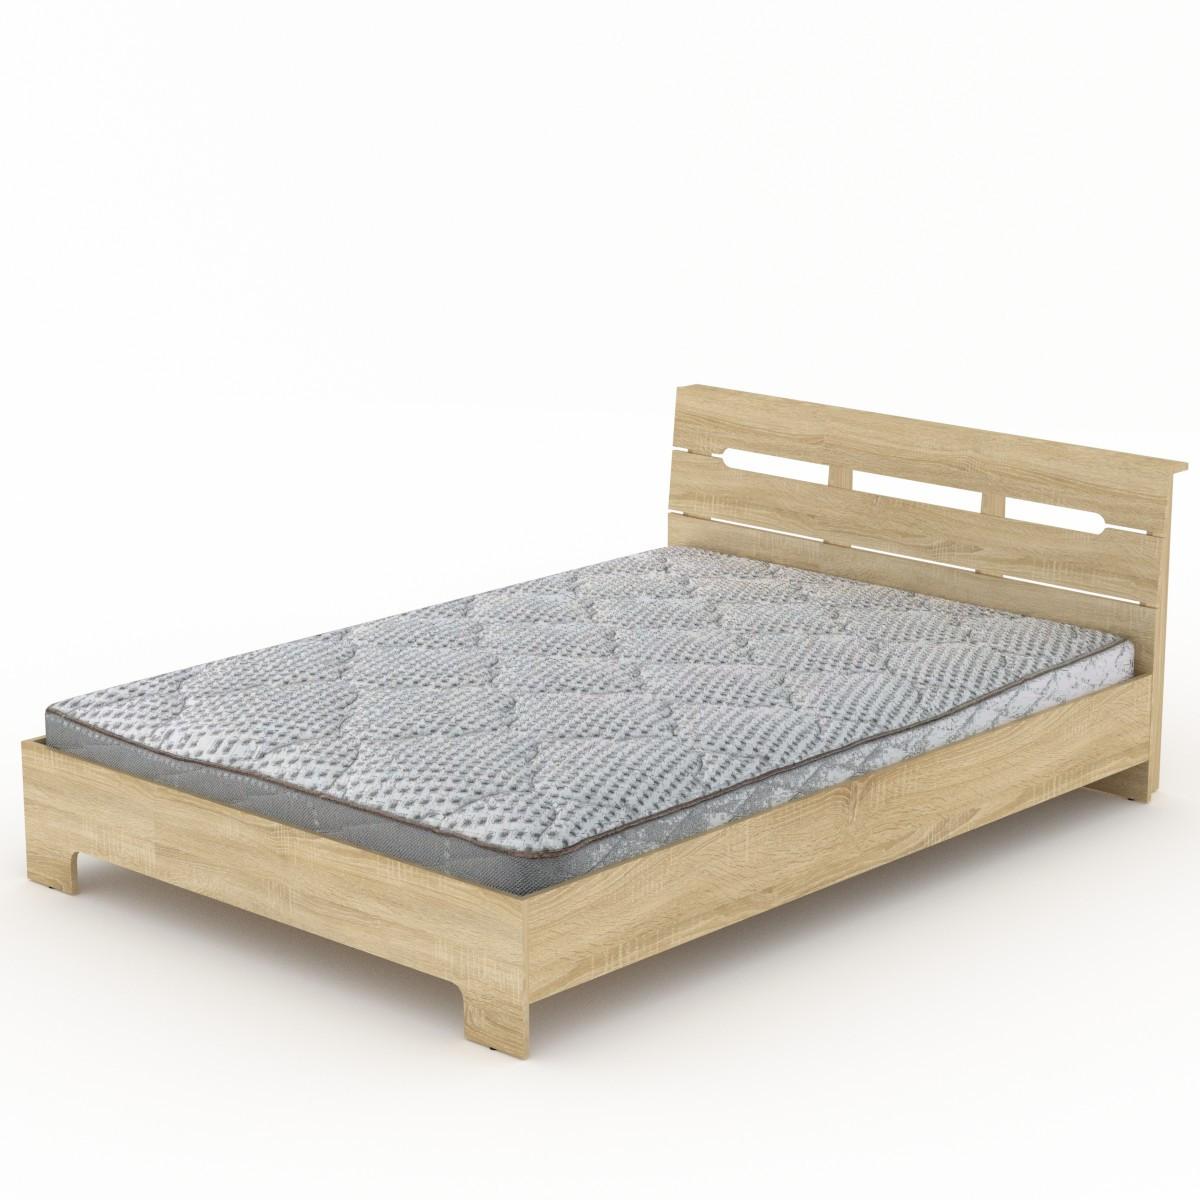 Кровать с матрасом 140 Стиль дуб сонома Компанит (144х213х77 см)